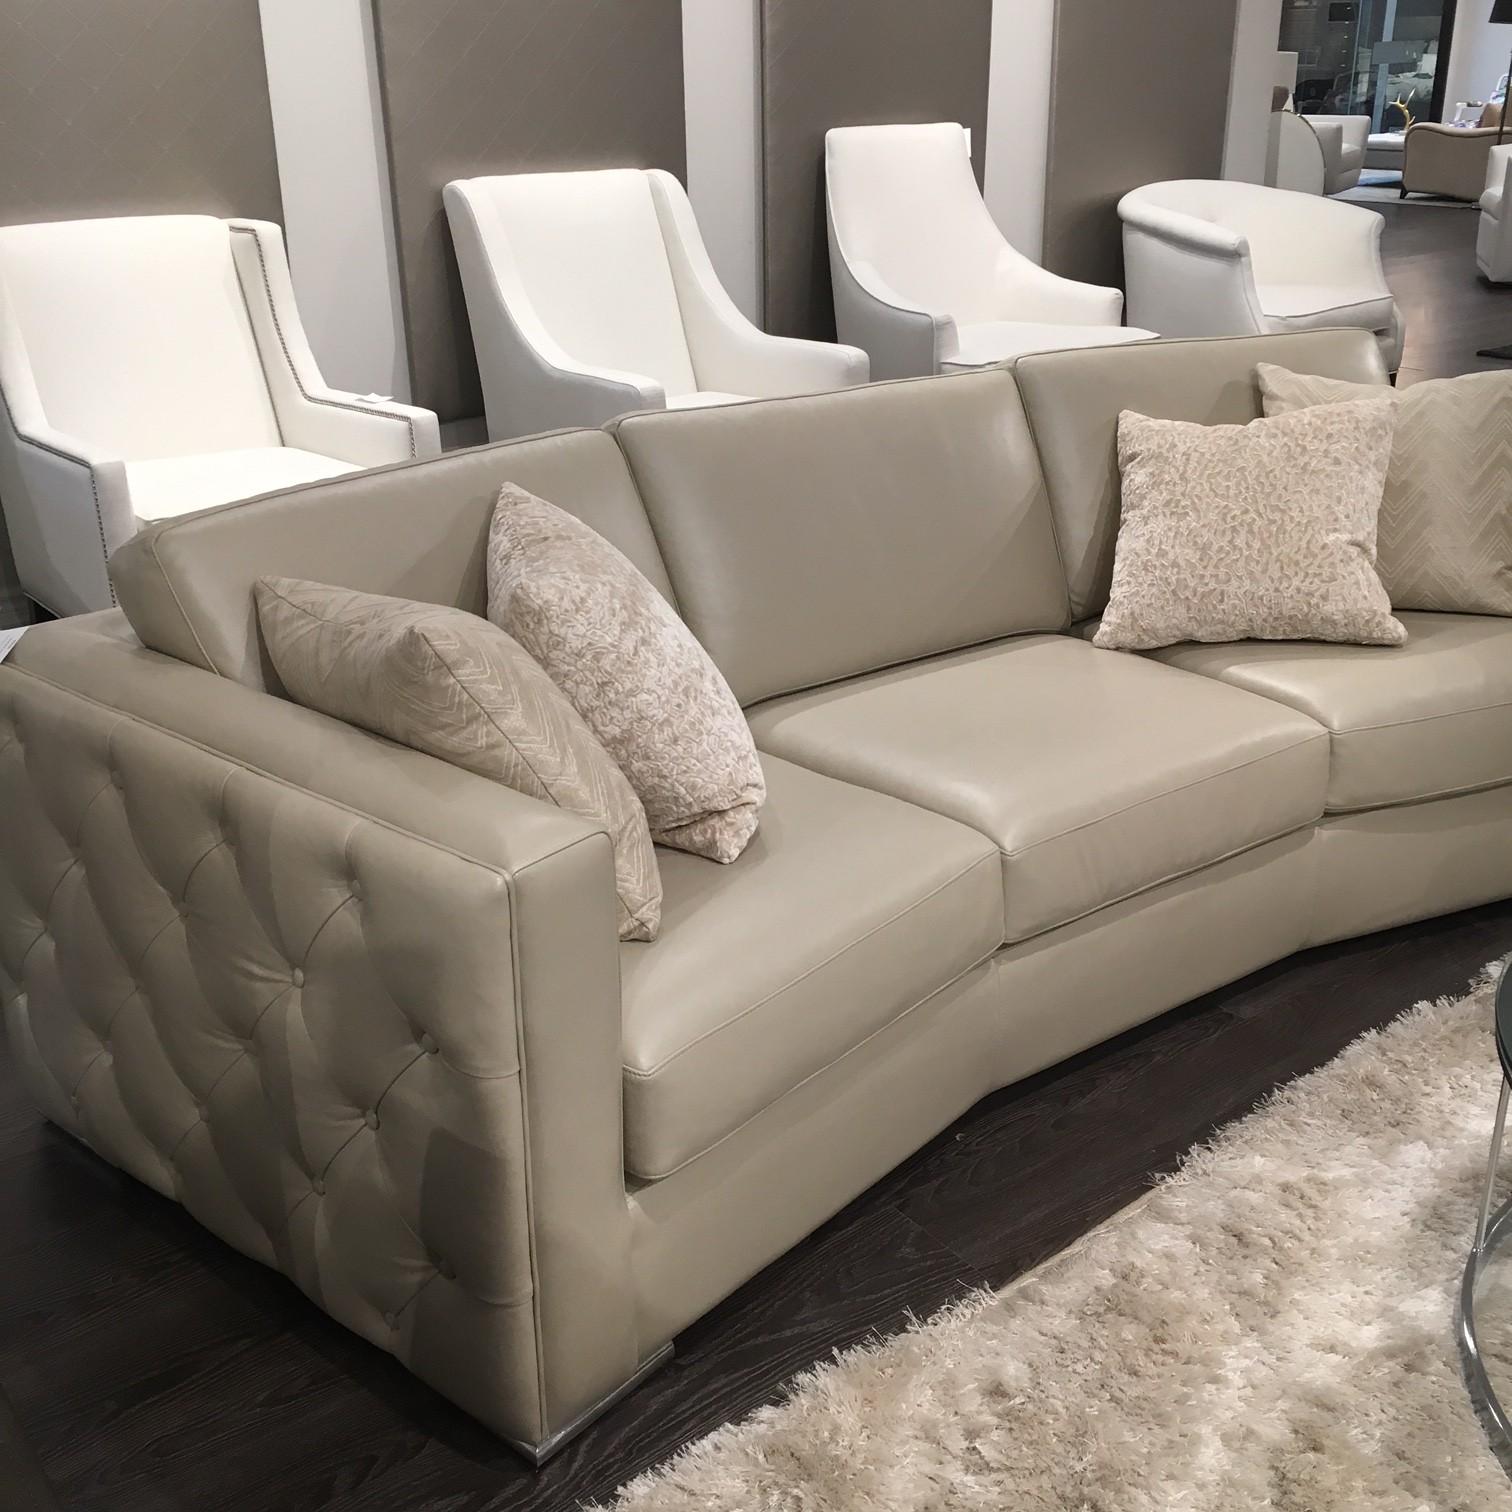 Polanco Furniture Store Ottawa